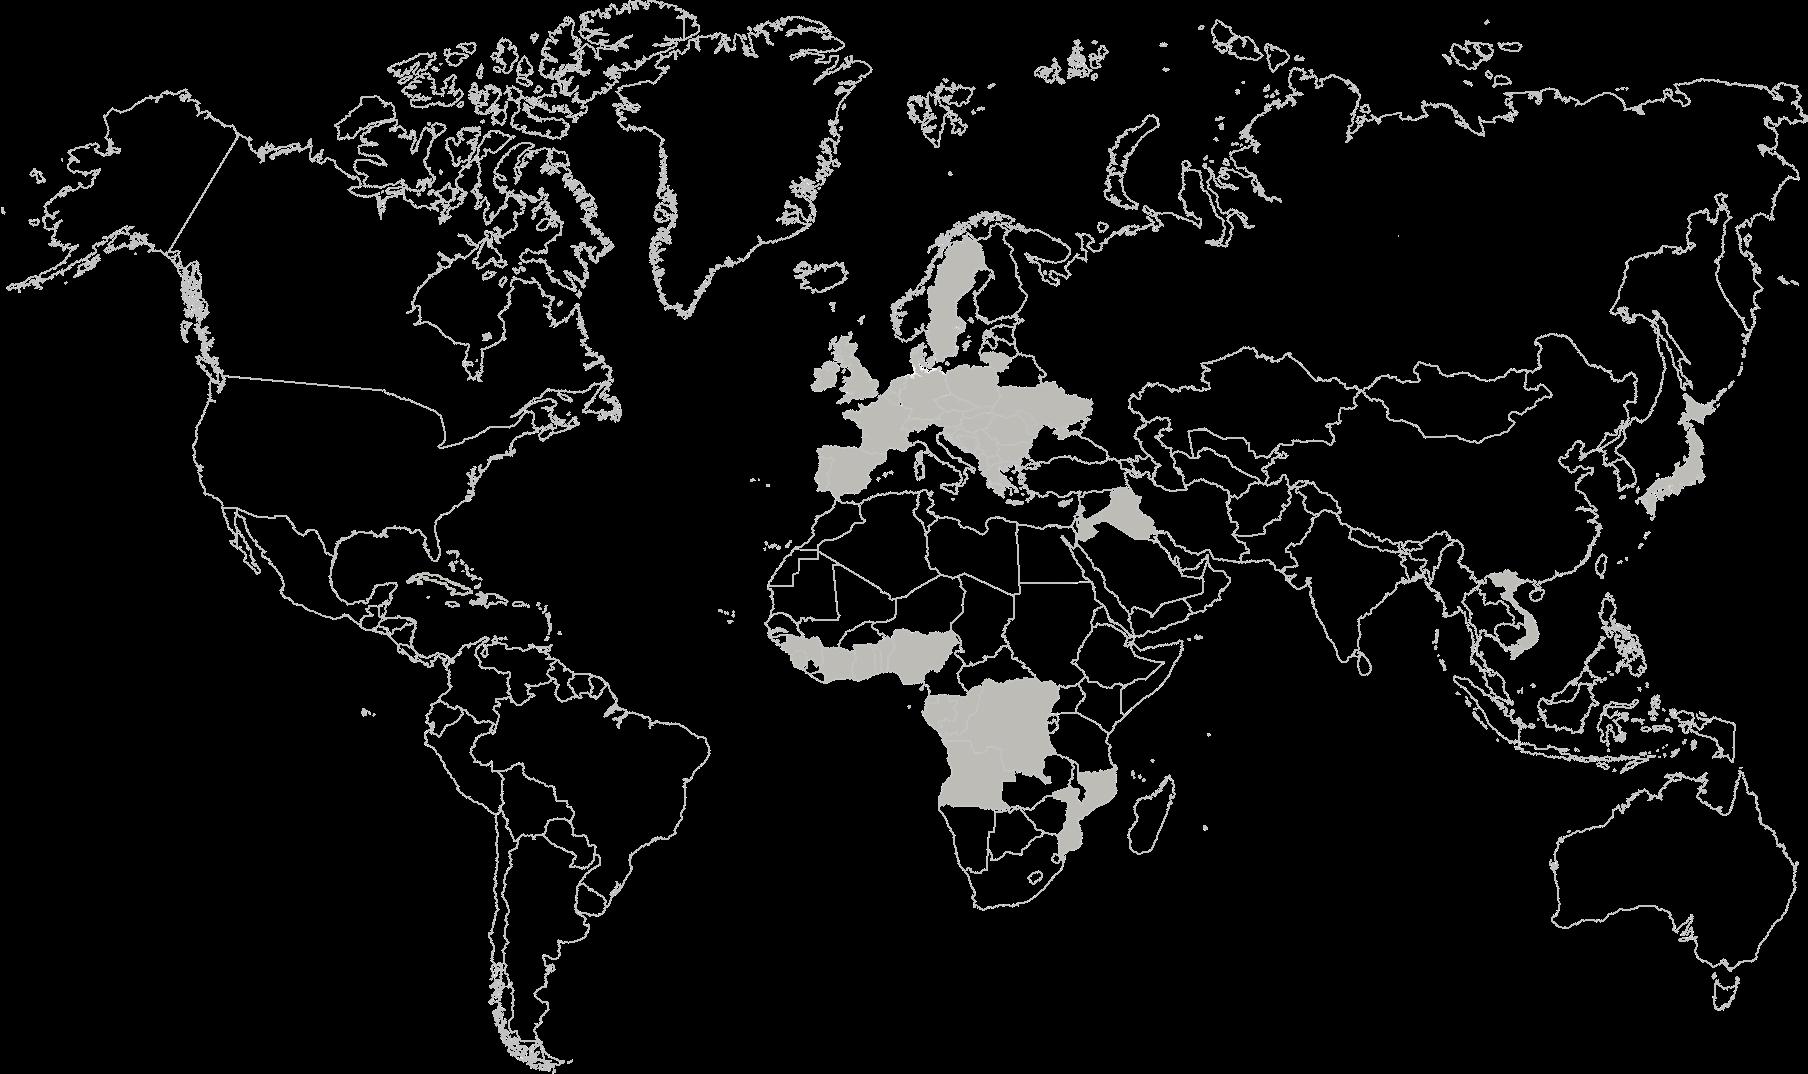 Gruppo-Veronesi-dove-siamo-mappa-export-aia